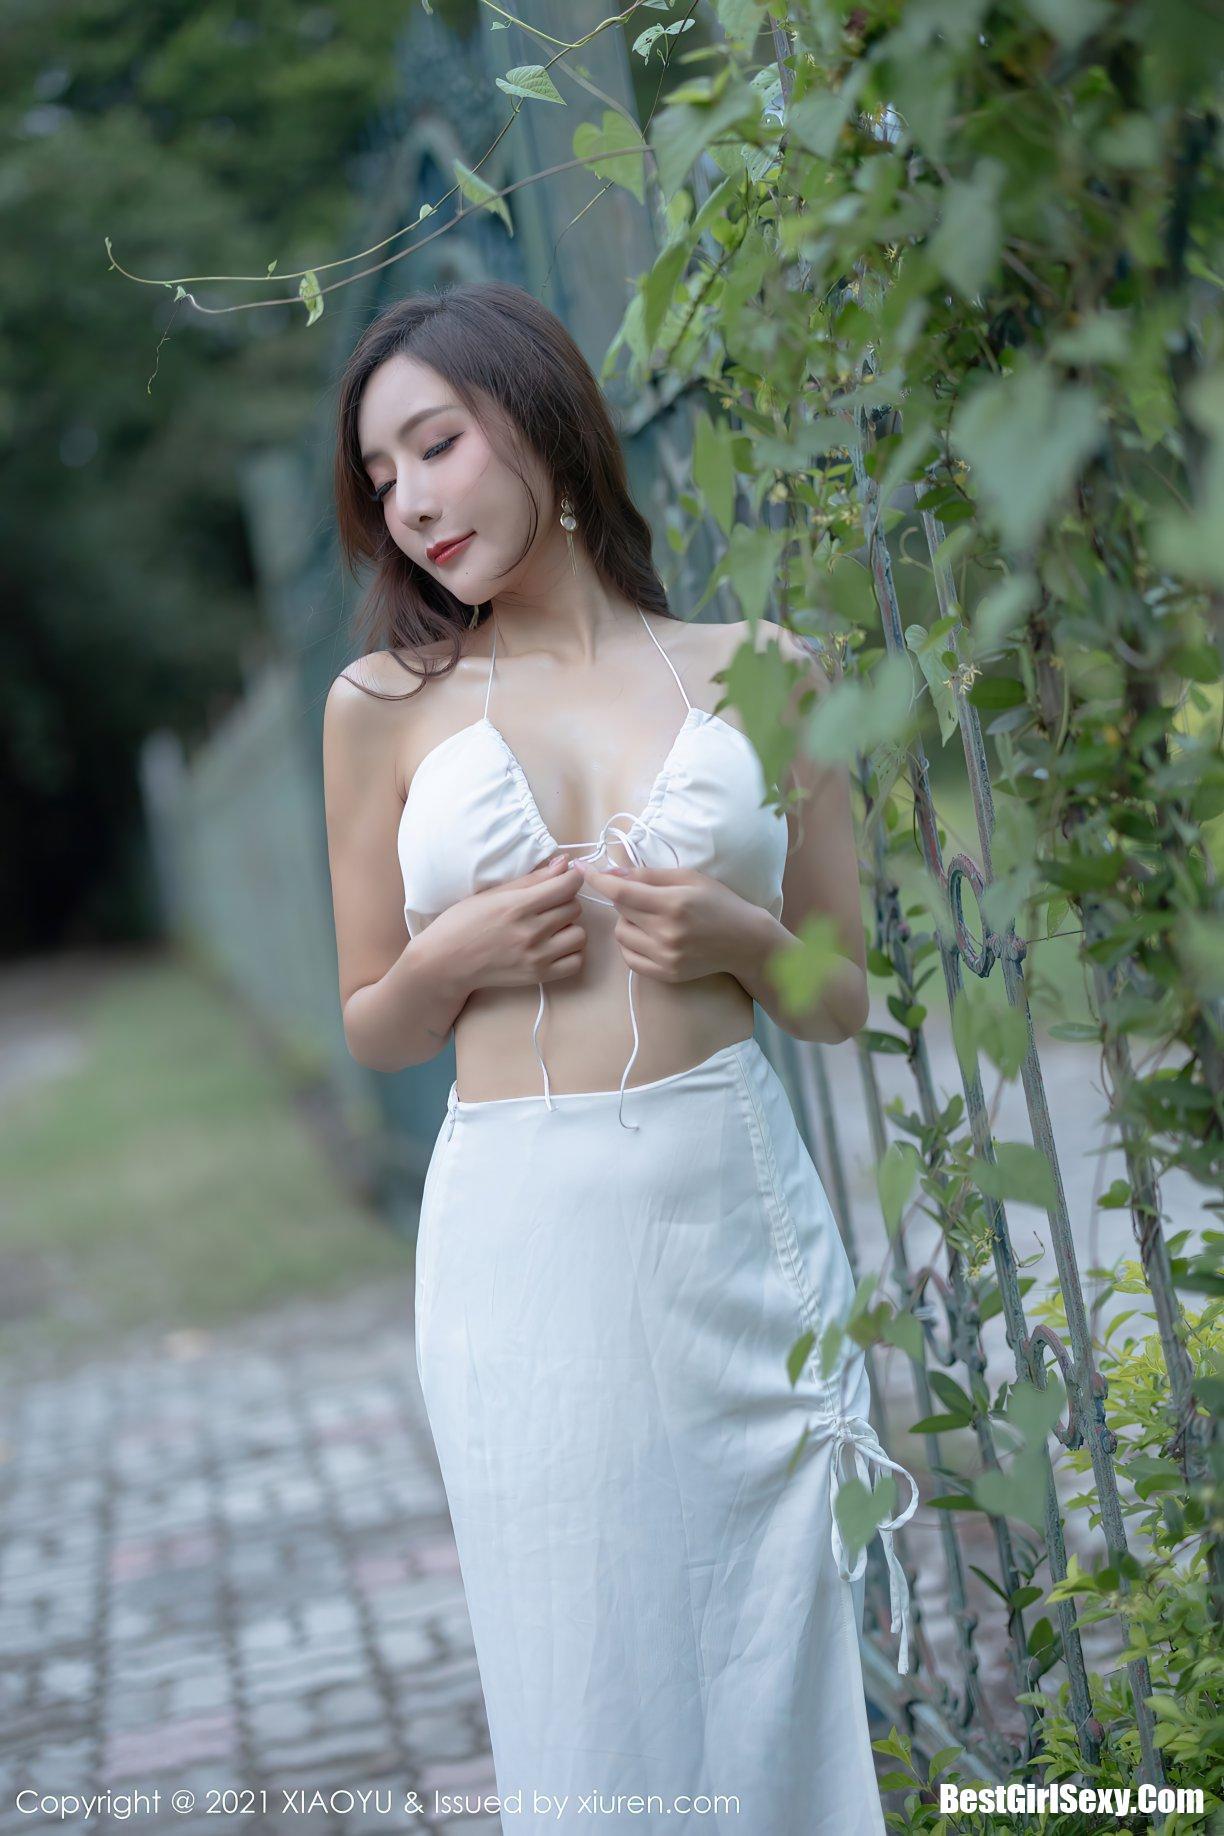 王馨瑶yanni, XiaoYu语画界 Vol.600 Wang Xin Yao, XiaoYu语画界 Vol.600, Wang Xin Yao